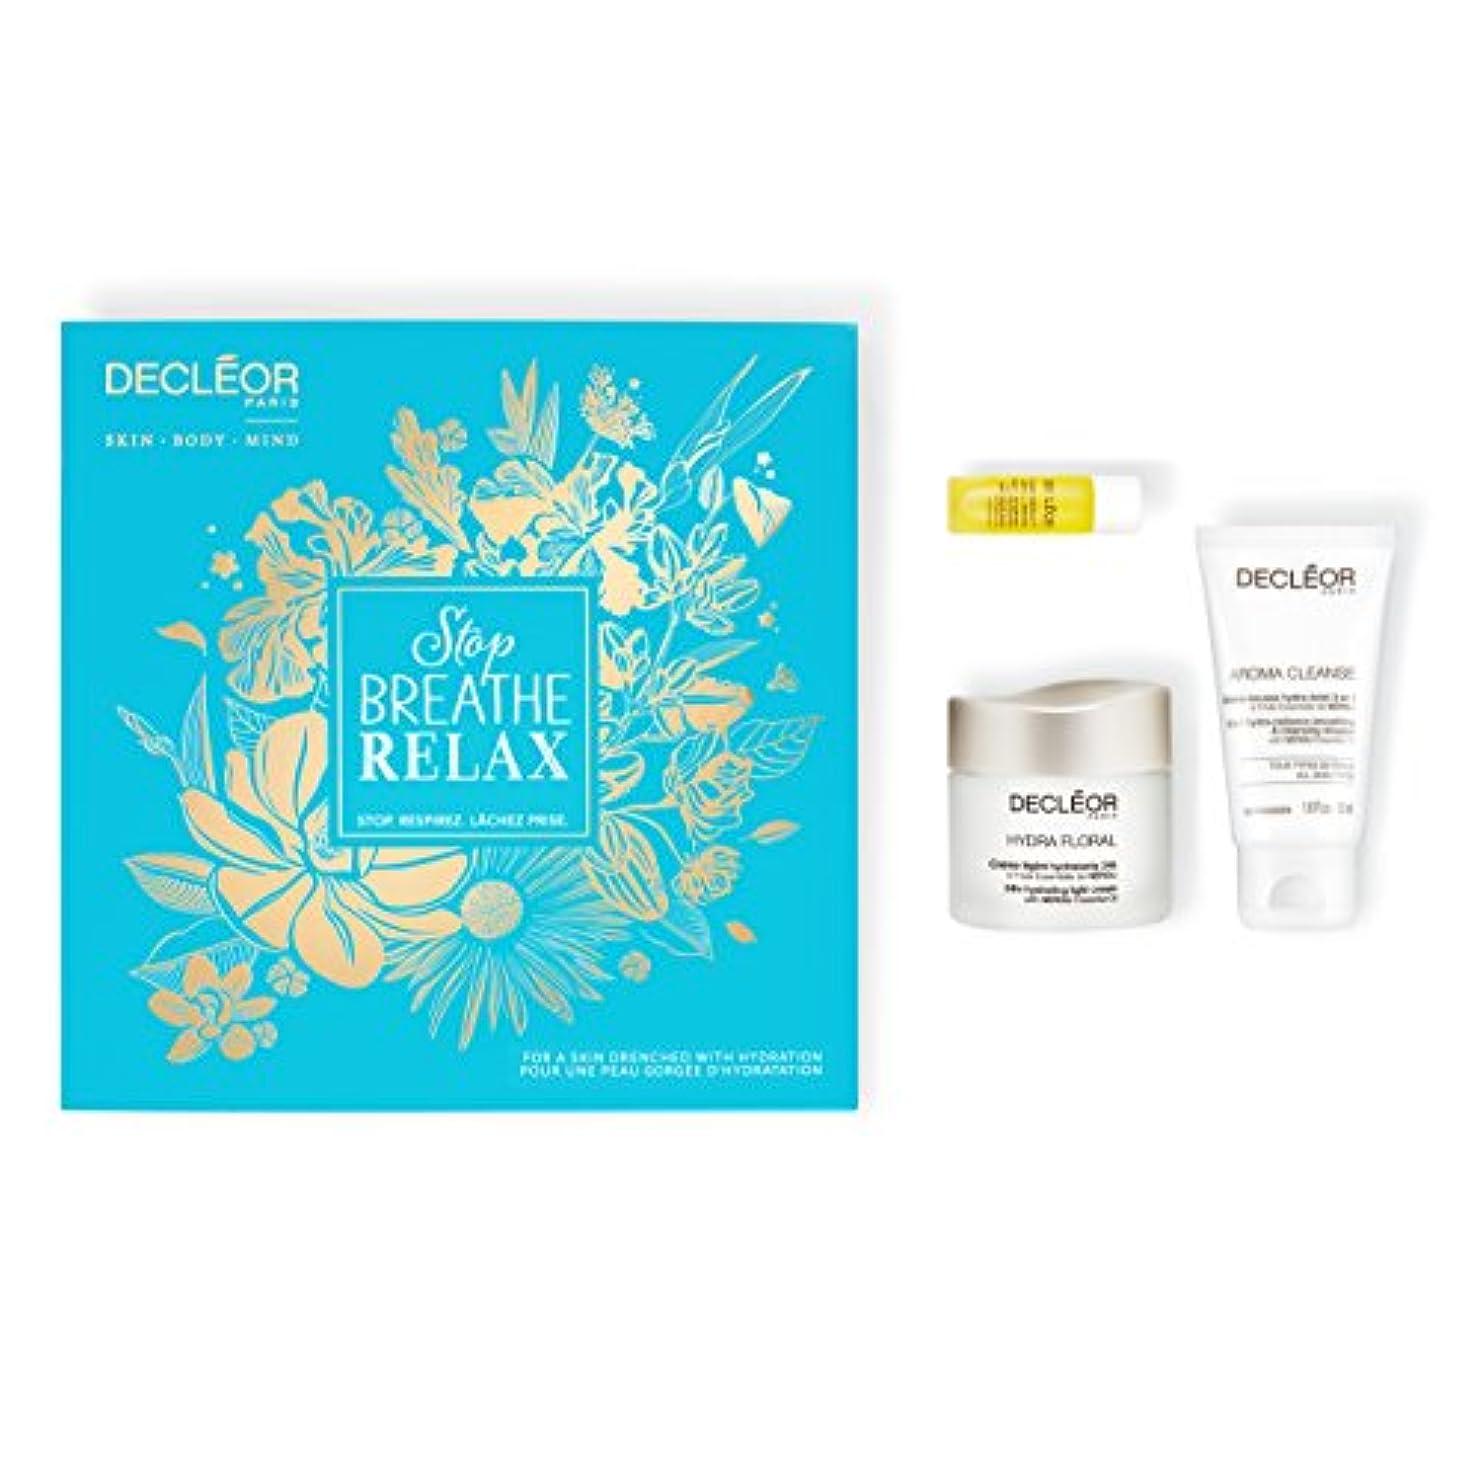 安心参照するブリリアントデクレオール Stop.Breathe.Relax Holiday Kit:Cleansing Mousse 50ml+ Hydrating Oil Serum 5ml+ 24hr Hydrating Light Cream...